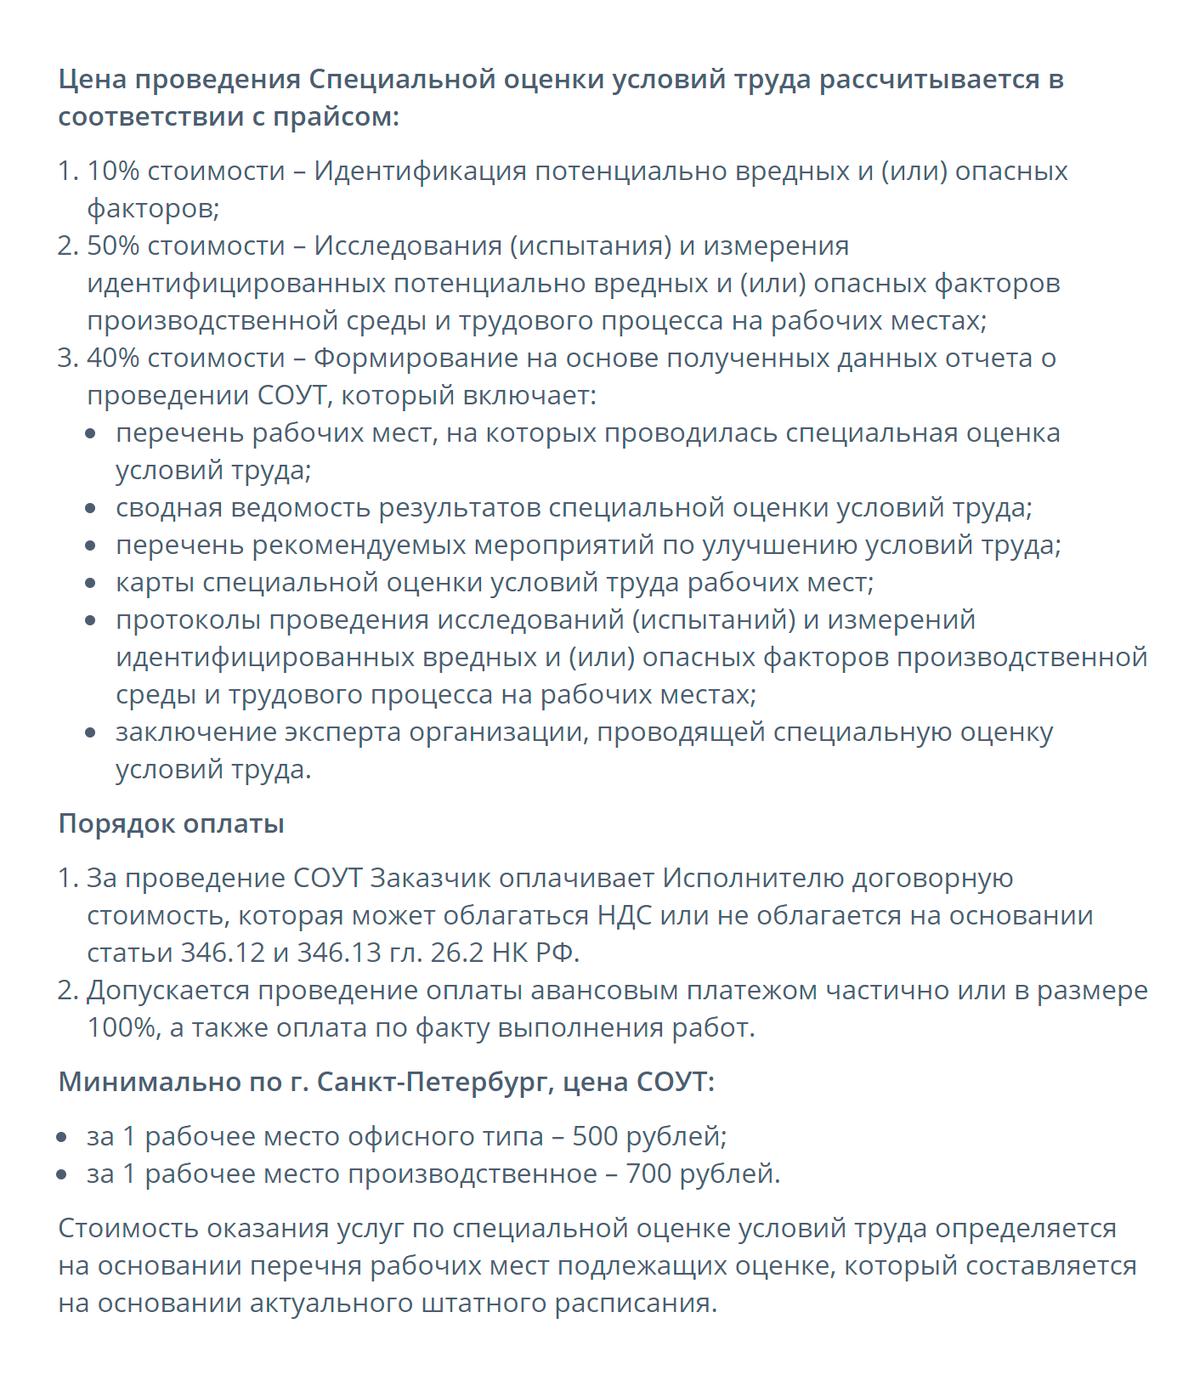 Санкт-Петербургский центр экспертизы условий труда делает длязаказчиков подробную калькуляцию цены на проведение СОУТ